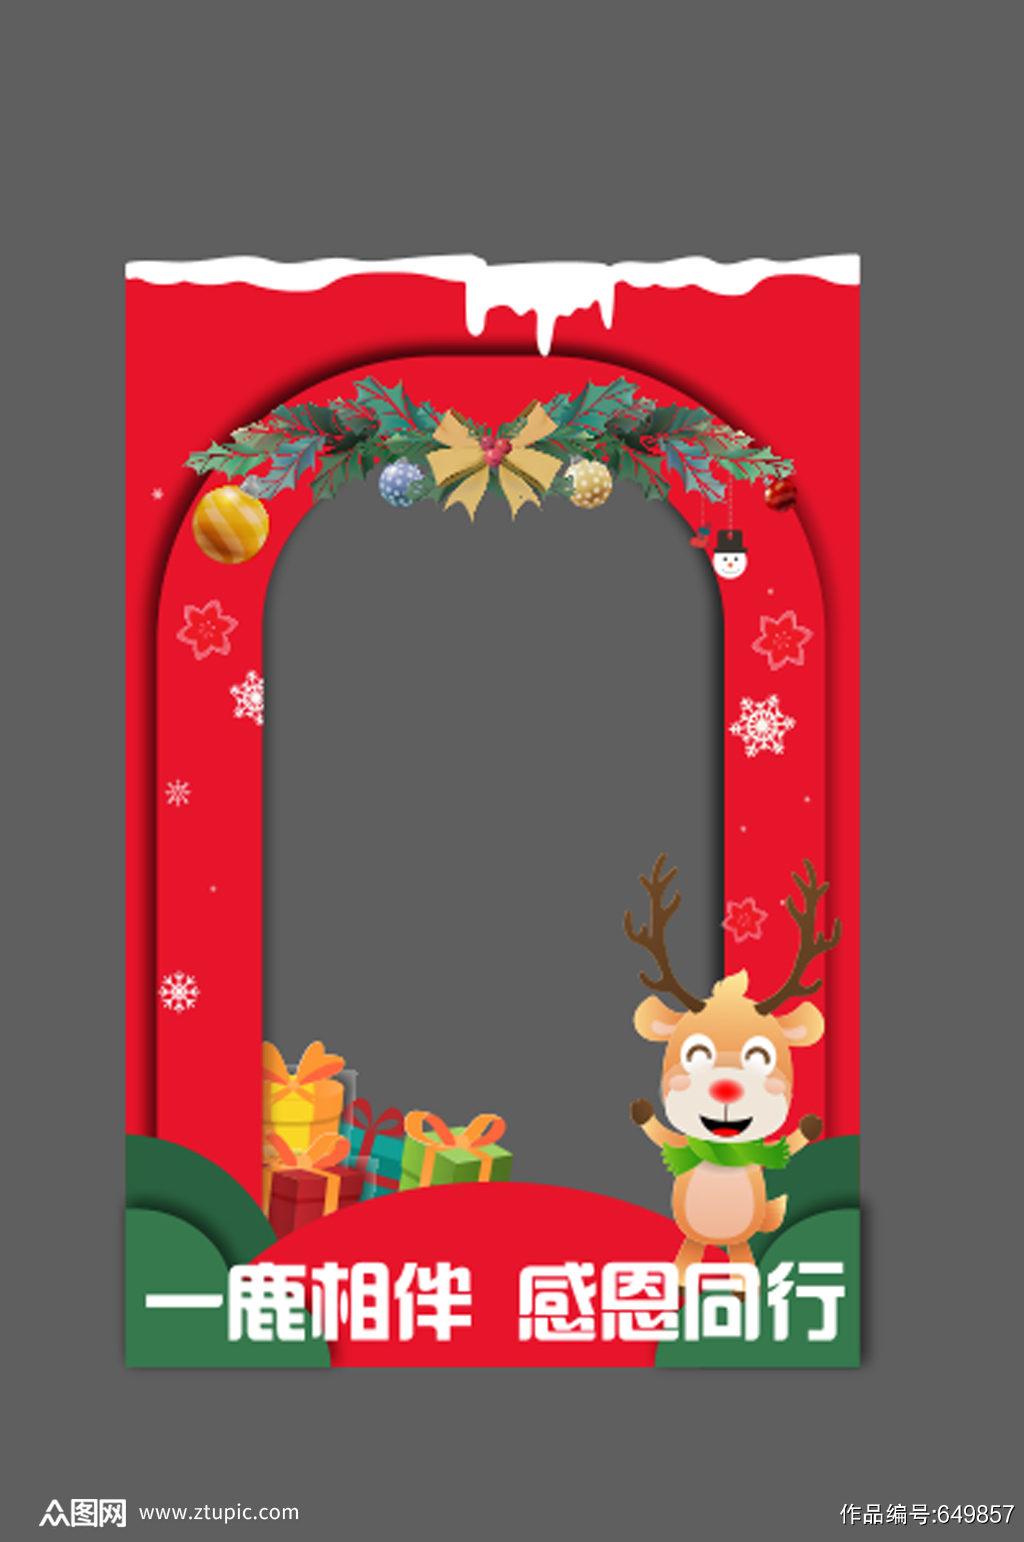 圣诞节小麋鹿照像框圣诞节美陈拍照框素材